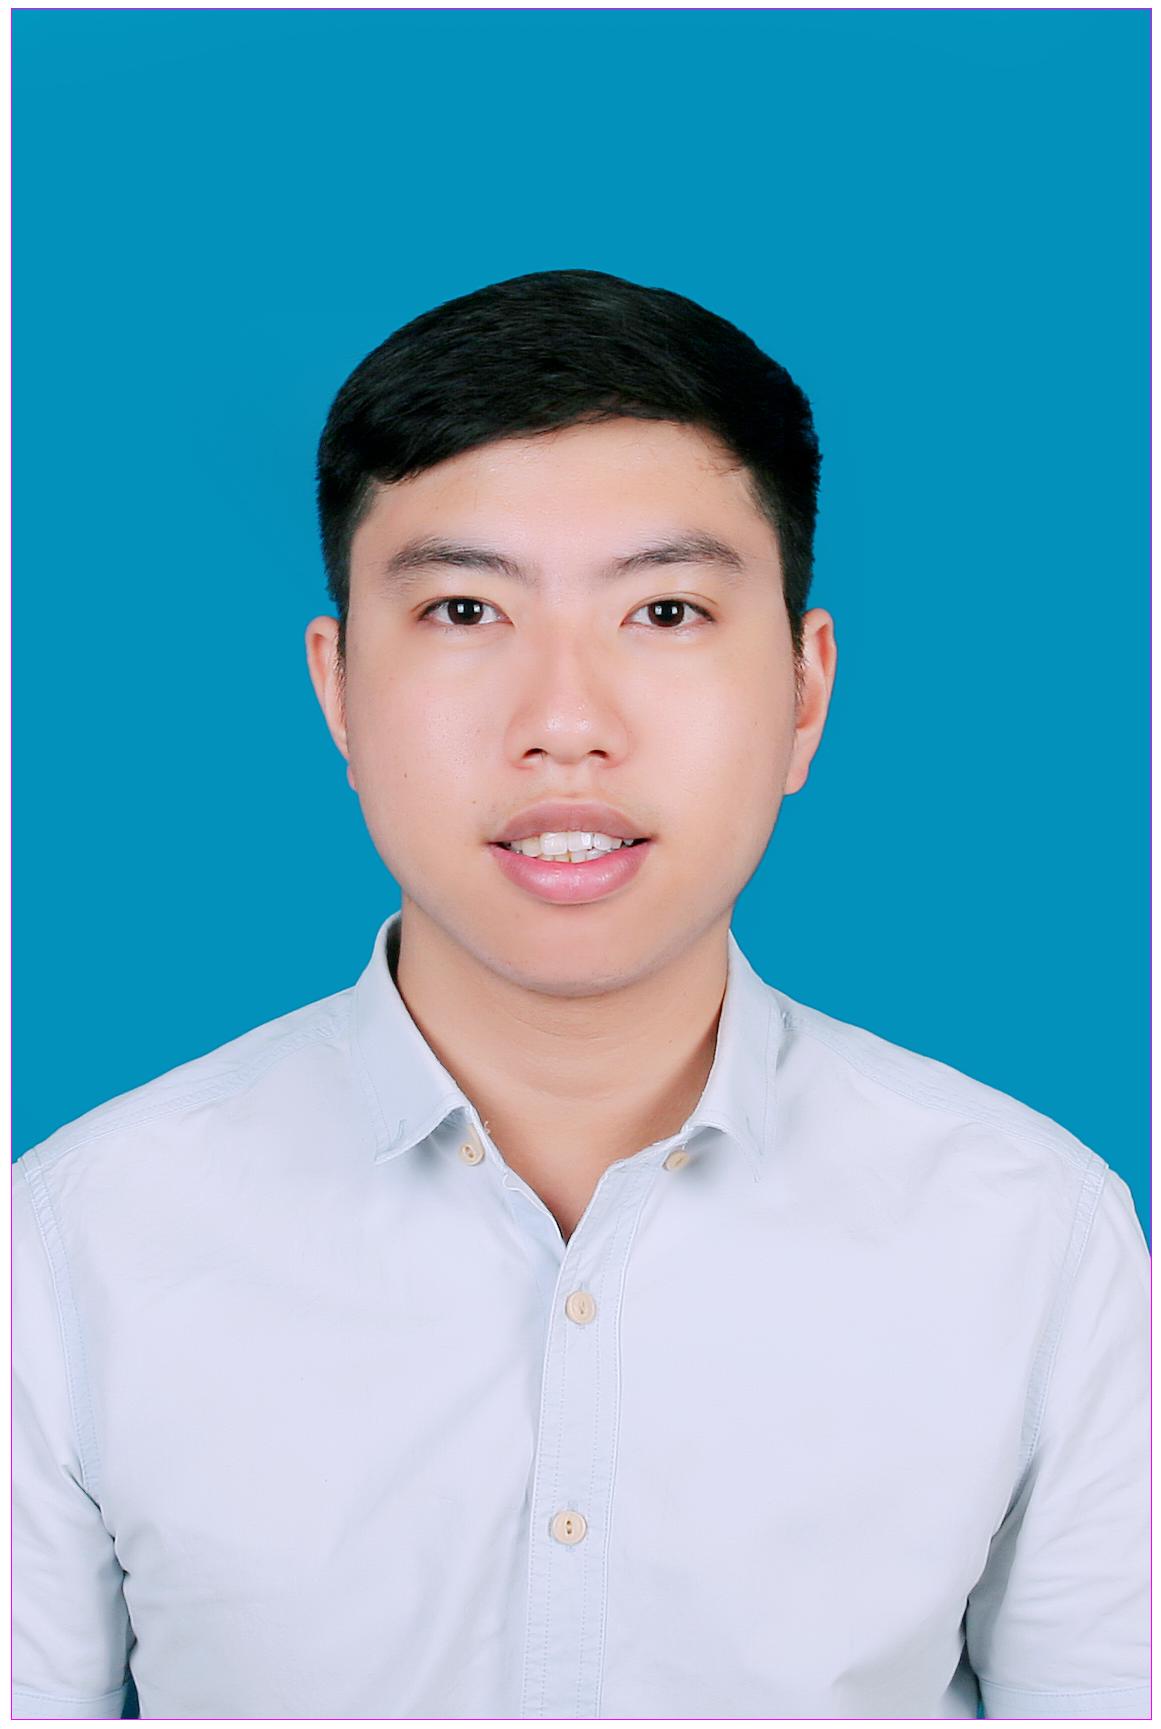 Trưởng phòng sản xuất/ QC/QA tại Thái Nguyên